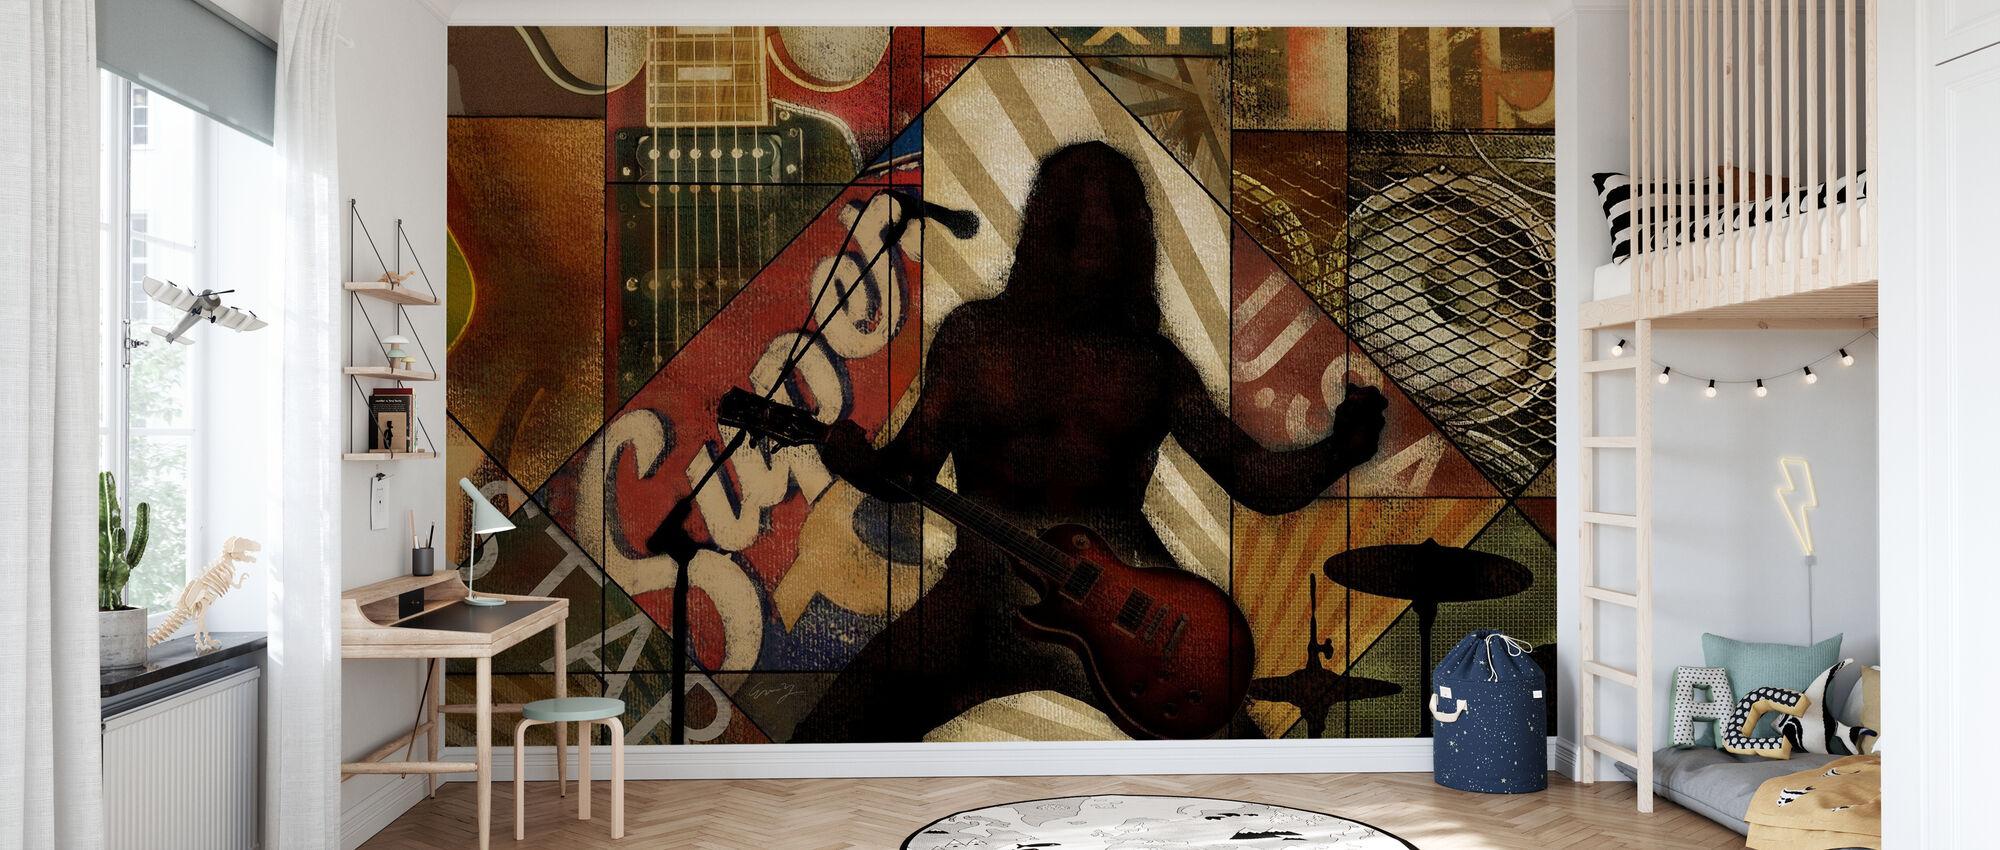 Superstar Rocker - Tapet - Barnerom